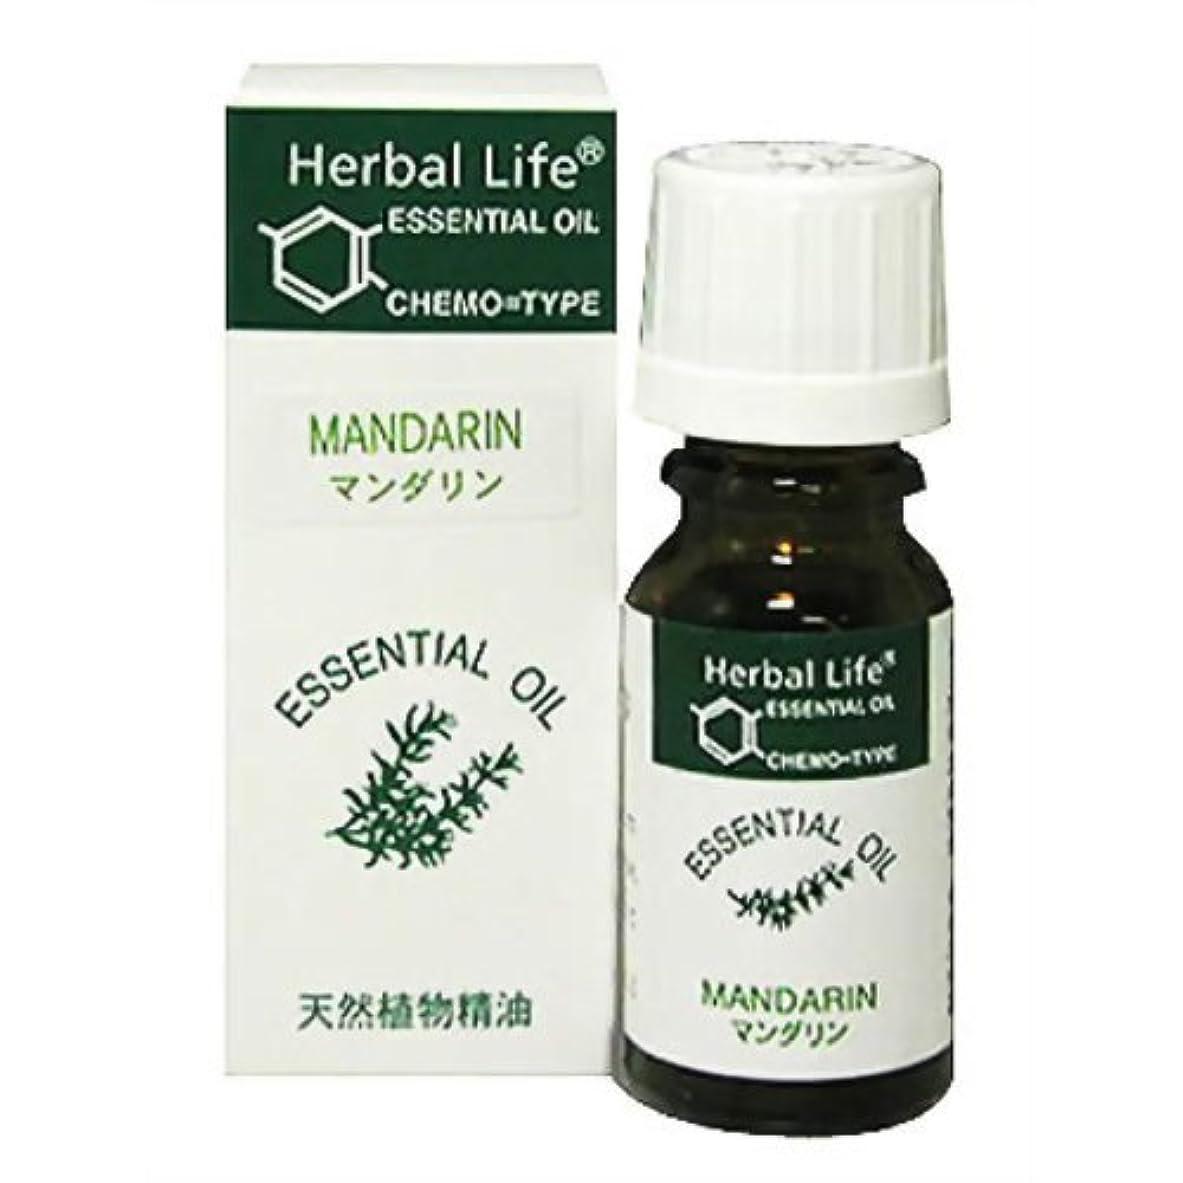 キウイ特殊請願者生活の木 Herbal Life マンダリン 10ml